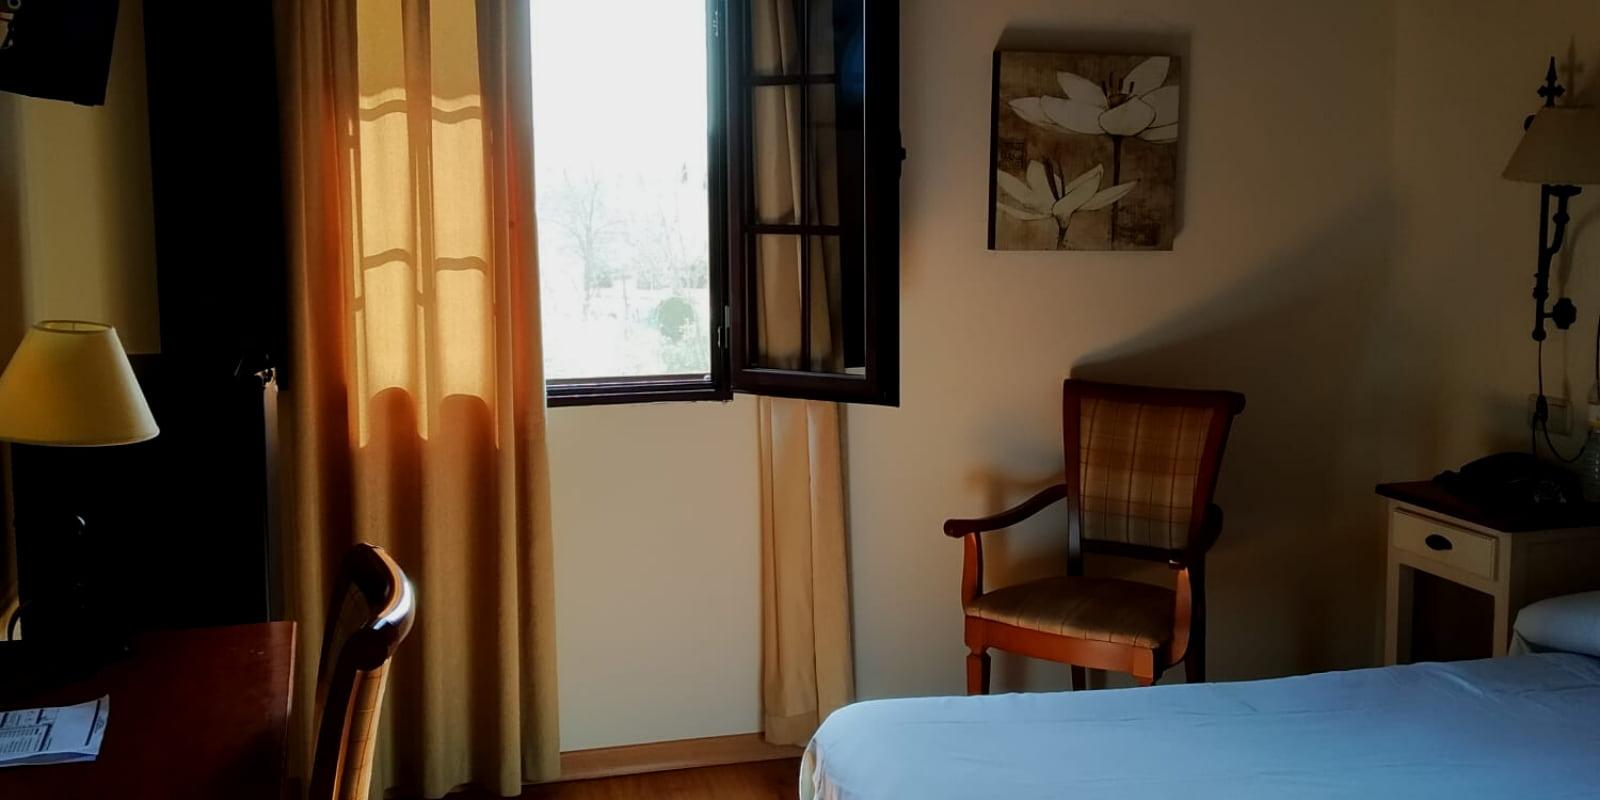 Alojamiento ViajeconSabor